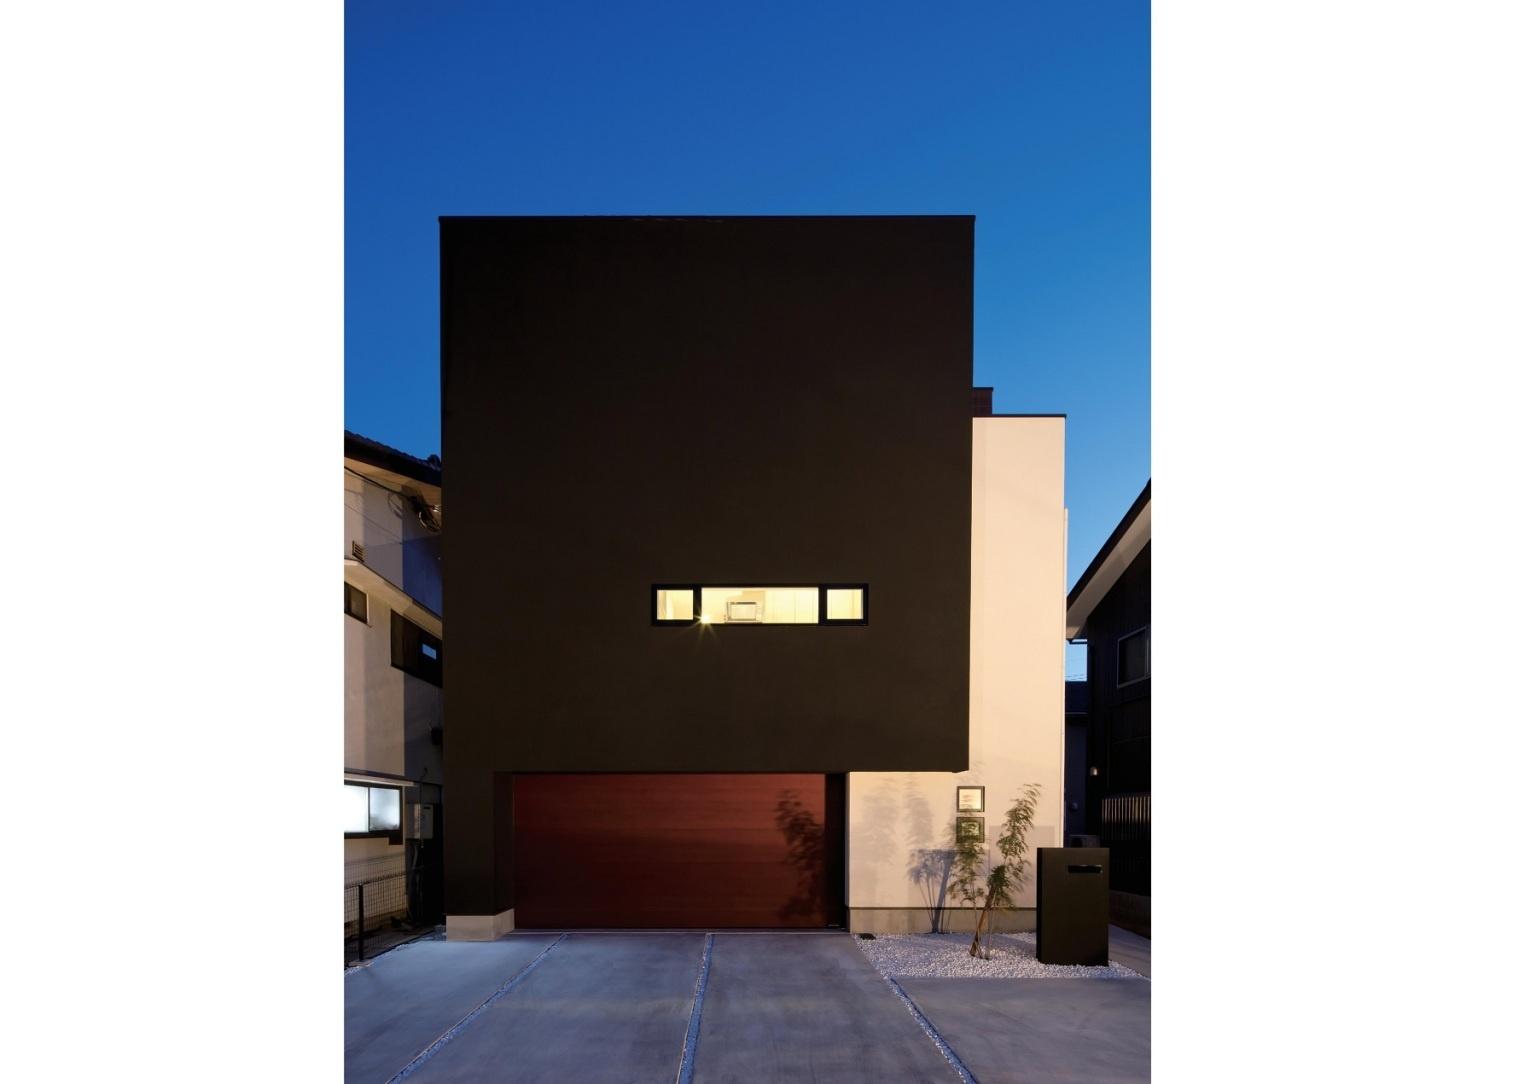 箱型の黒い外壁の外観を持つ住宅